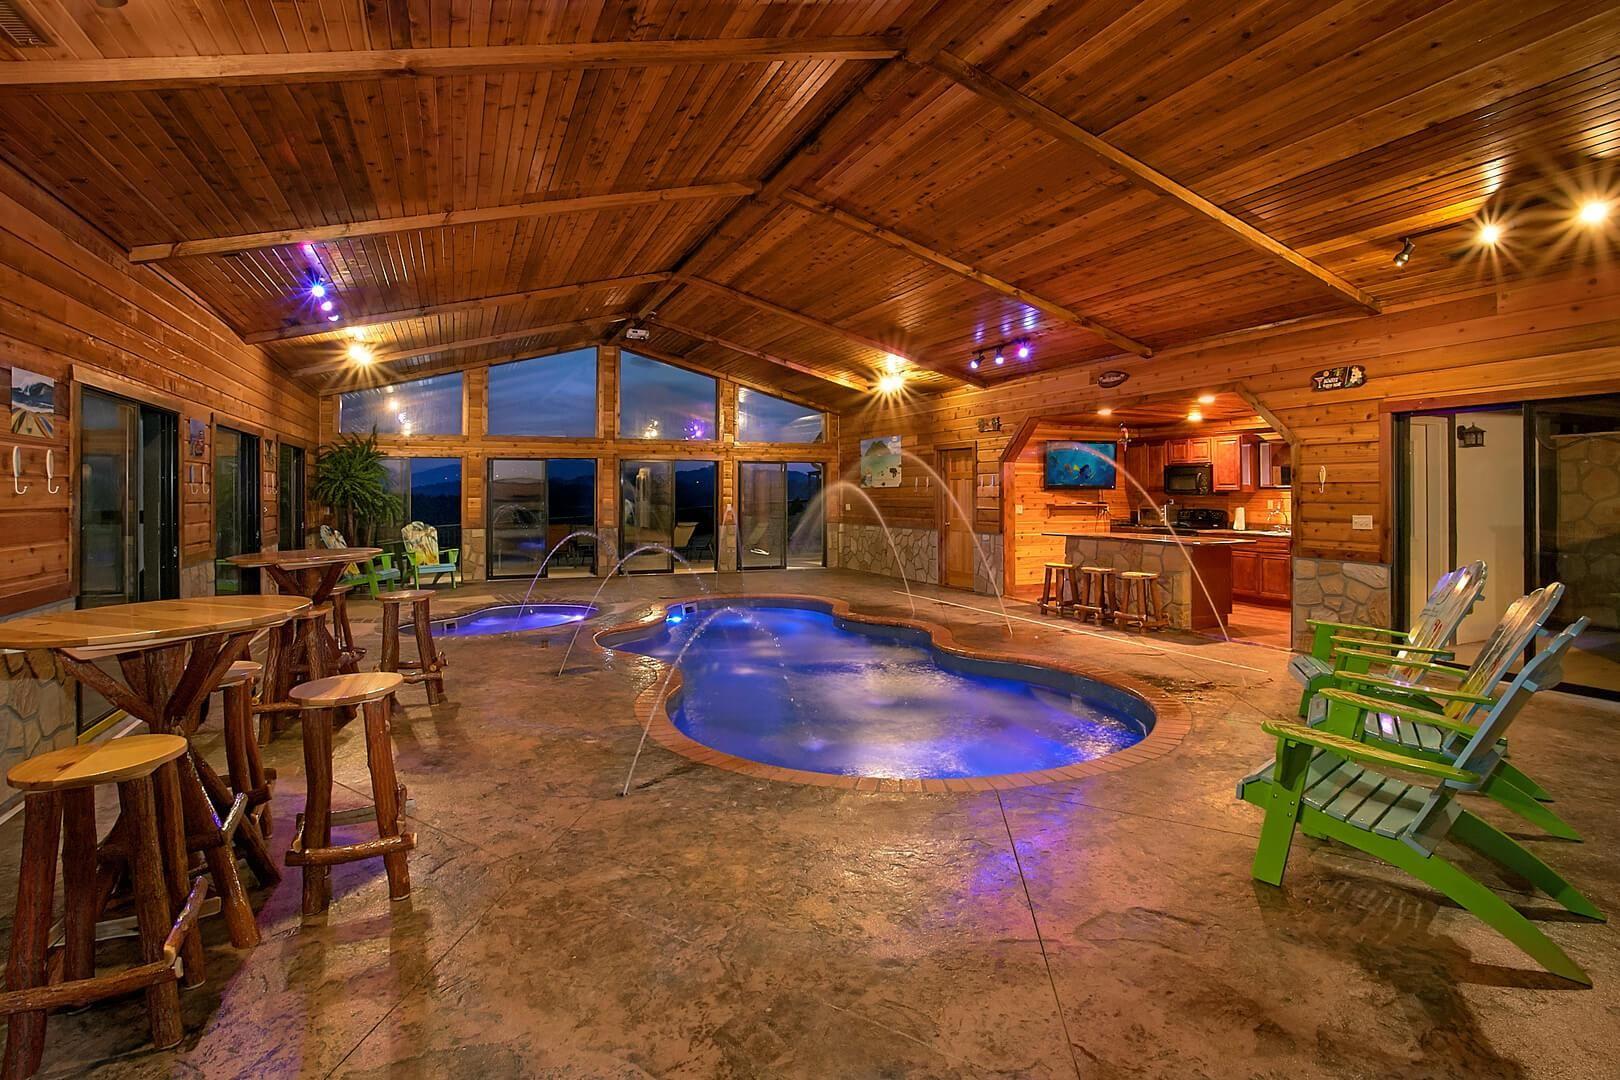 Home Indoor Pool With Bar Indoor Pool Design Indoor Pool Gatlinburg Cabin Rentals